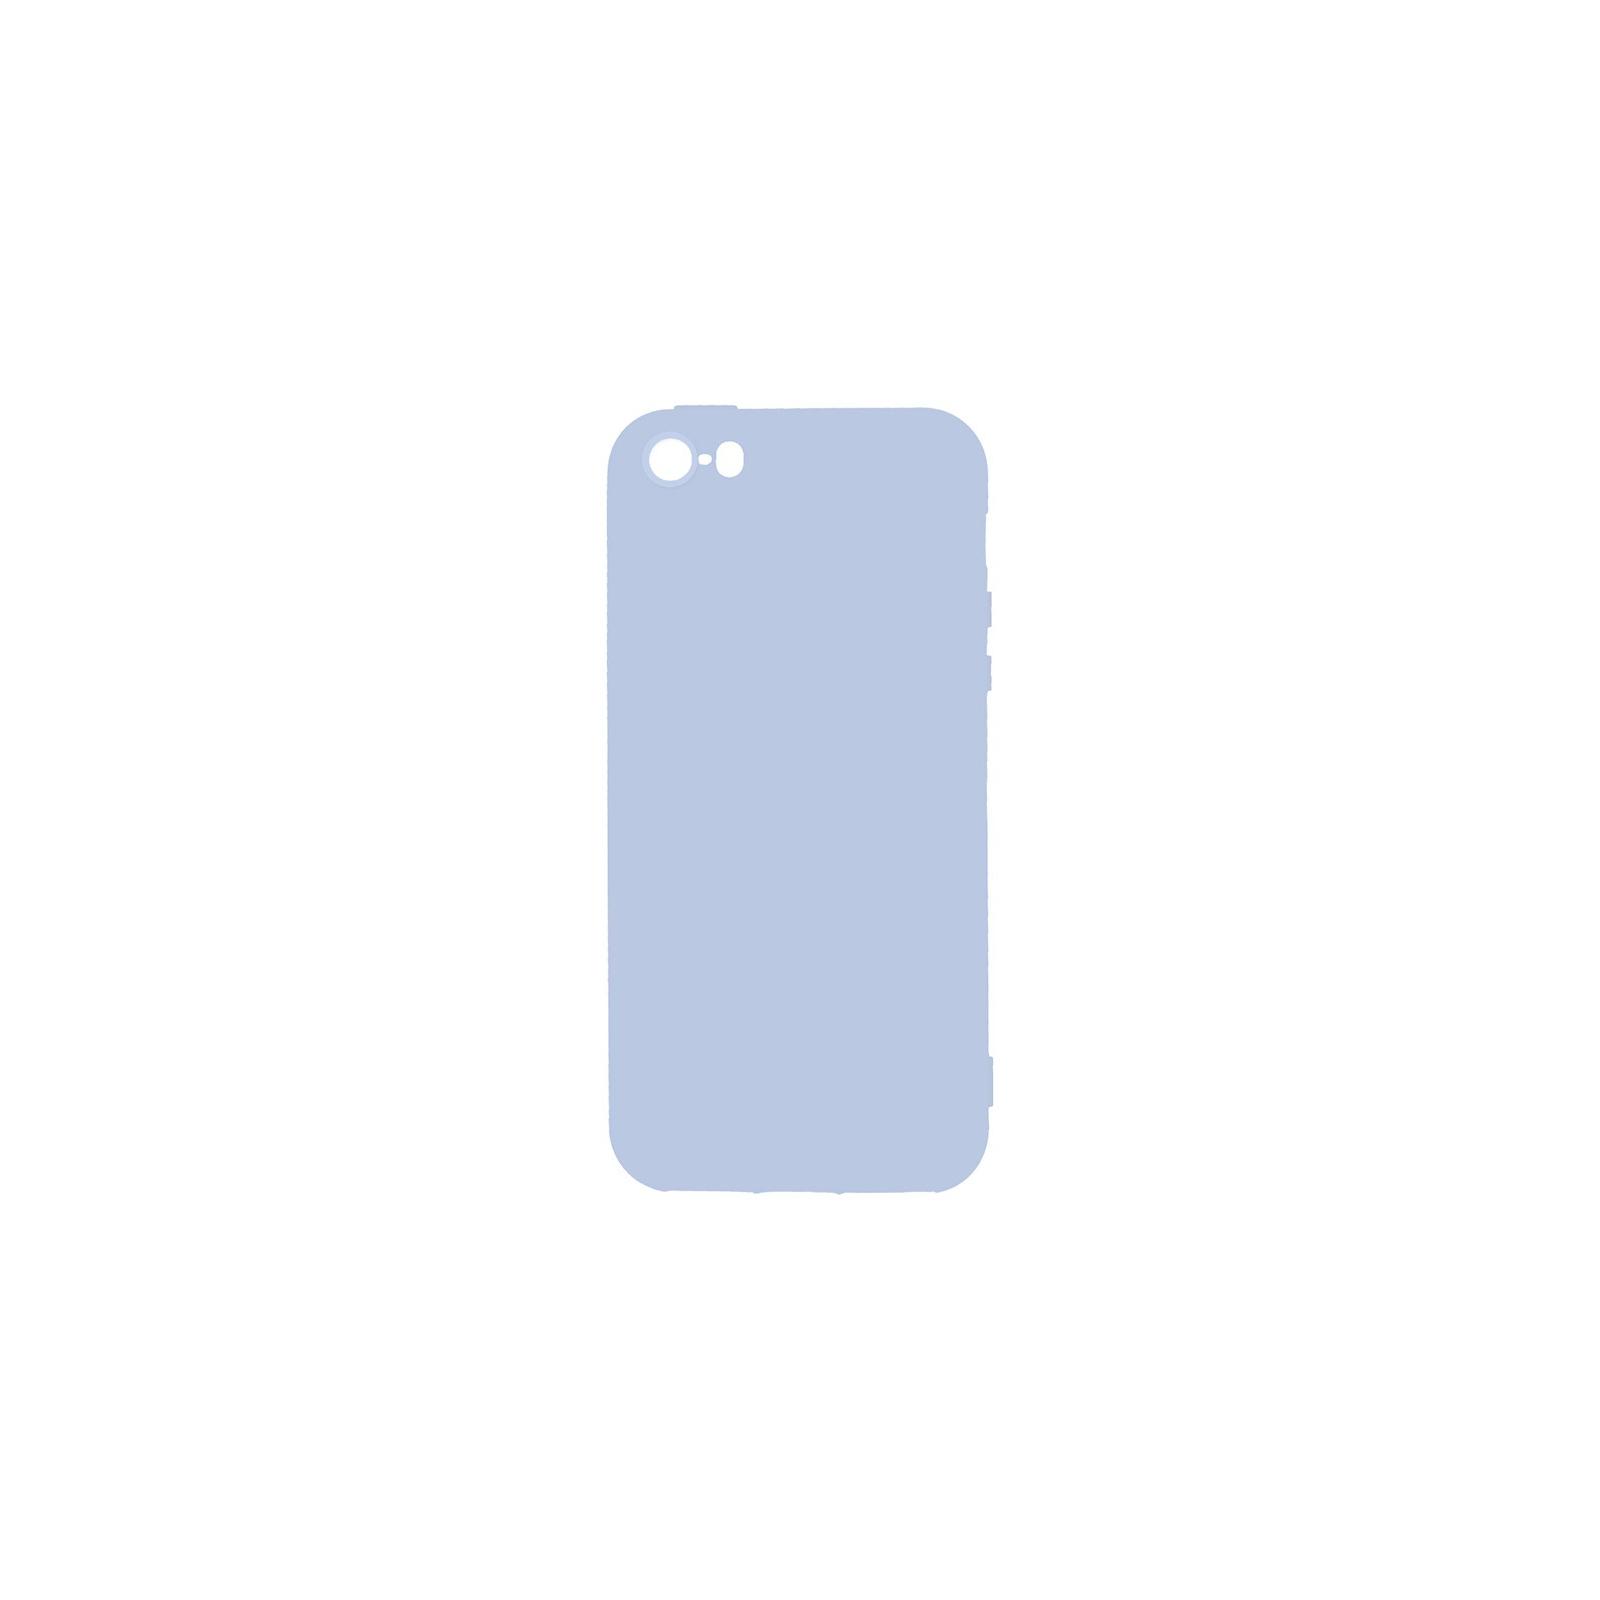 Чехол для моб. телефона Toto 1mm Matt TPU Case Apple iPhone SE/5s/5 Lilac (F_93967)